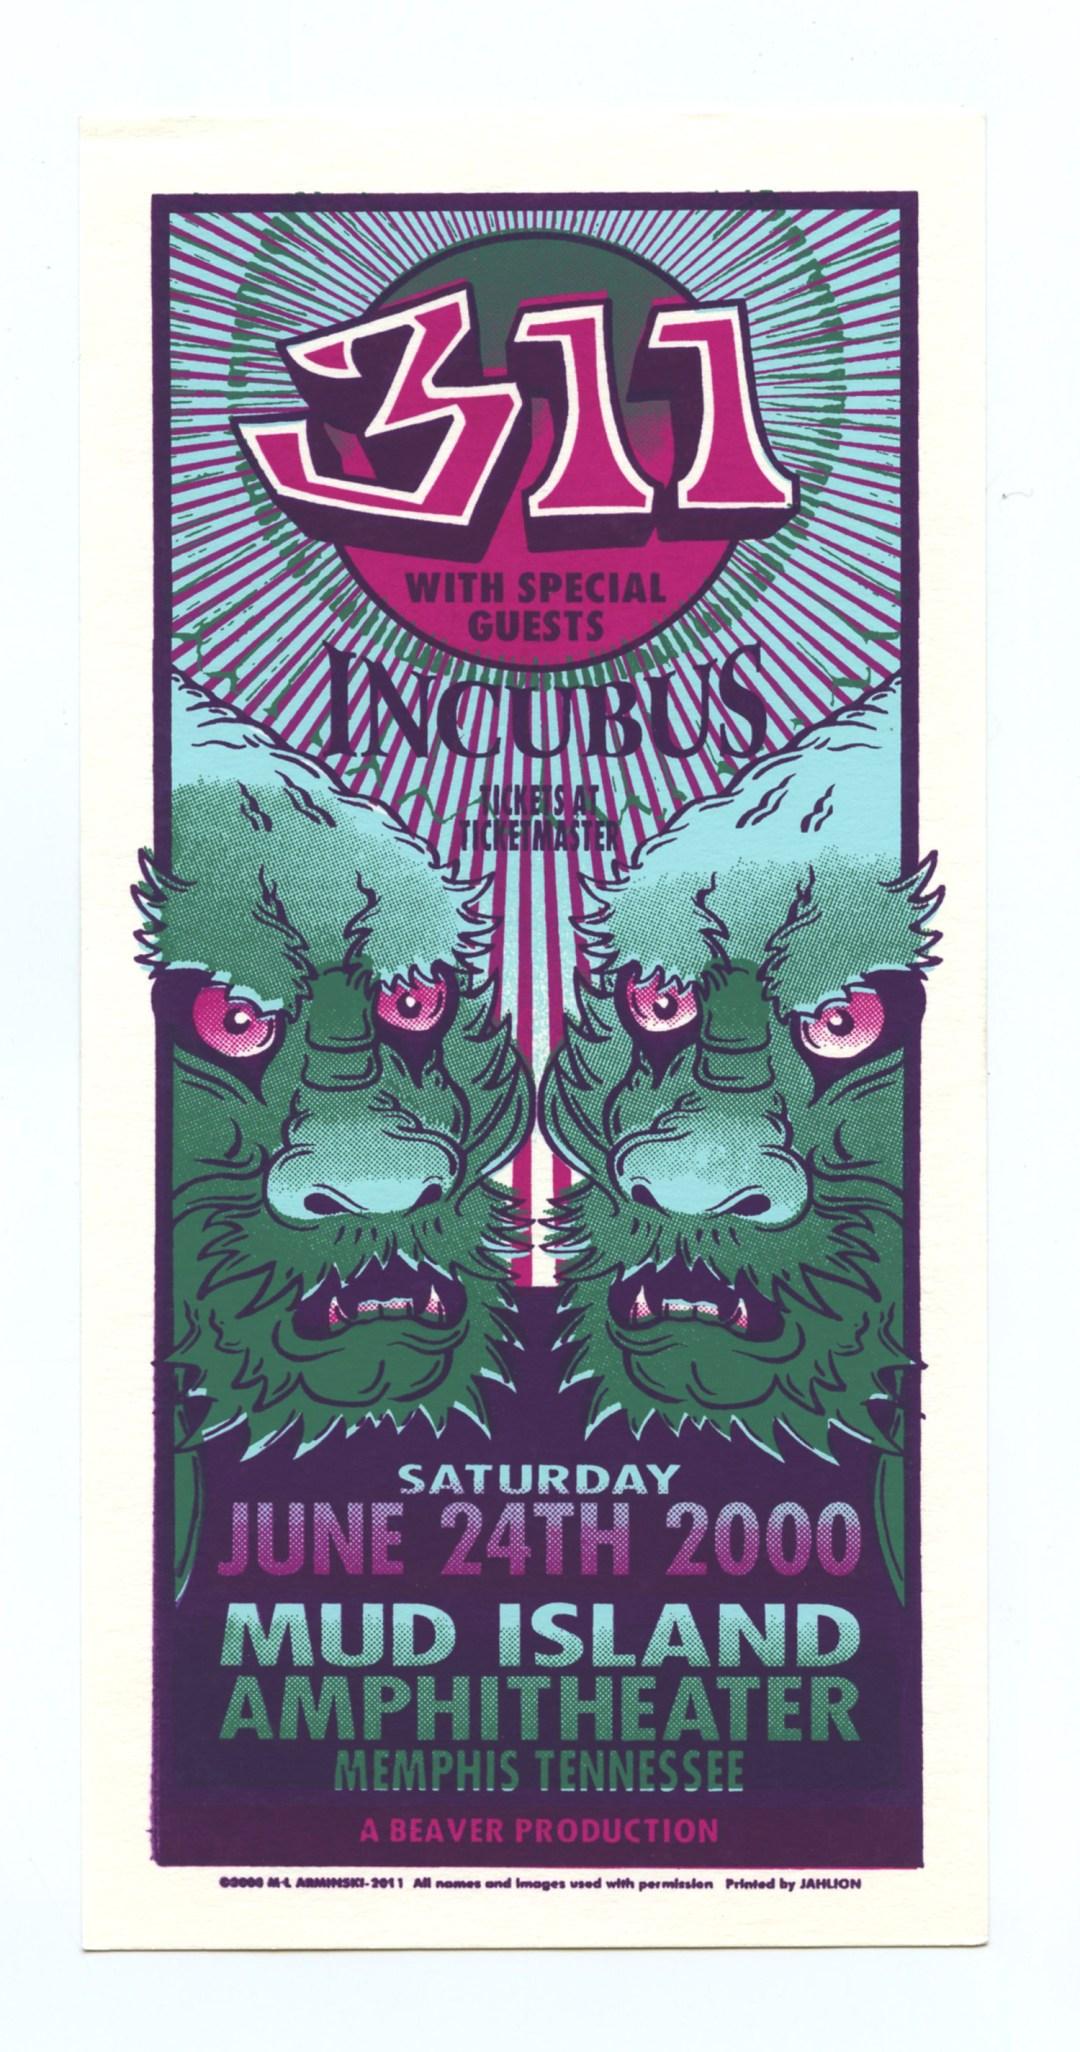 311 Handbill Incubus 2000 Jun 24 Mud Island Amphitheatre Memphis Mark Arminski